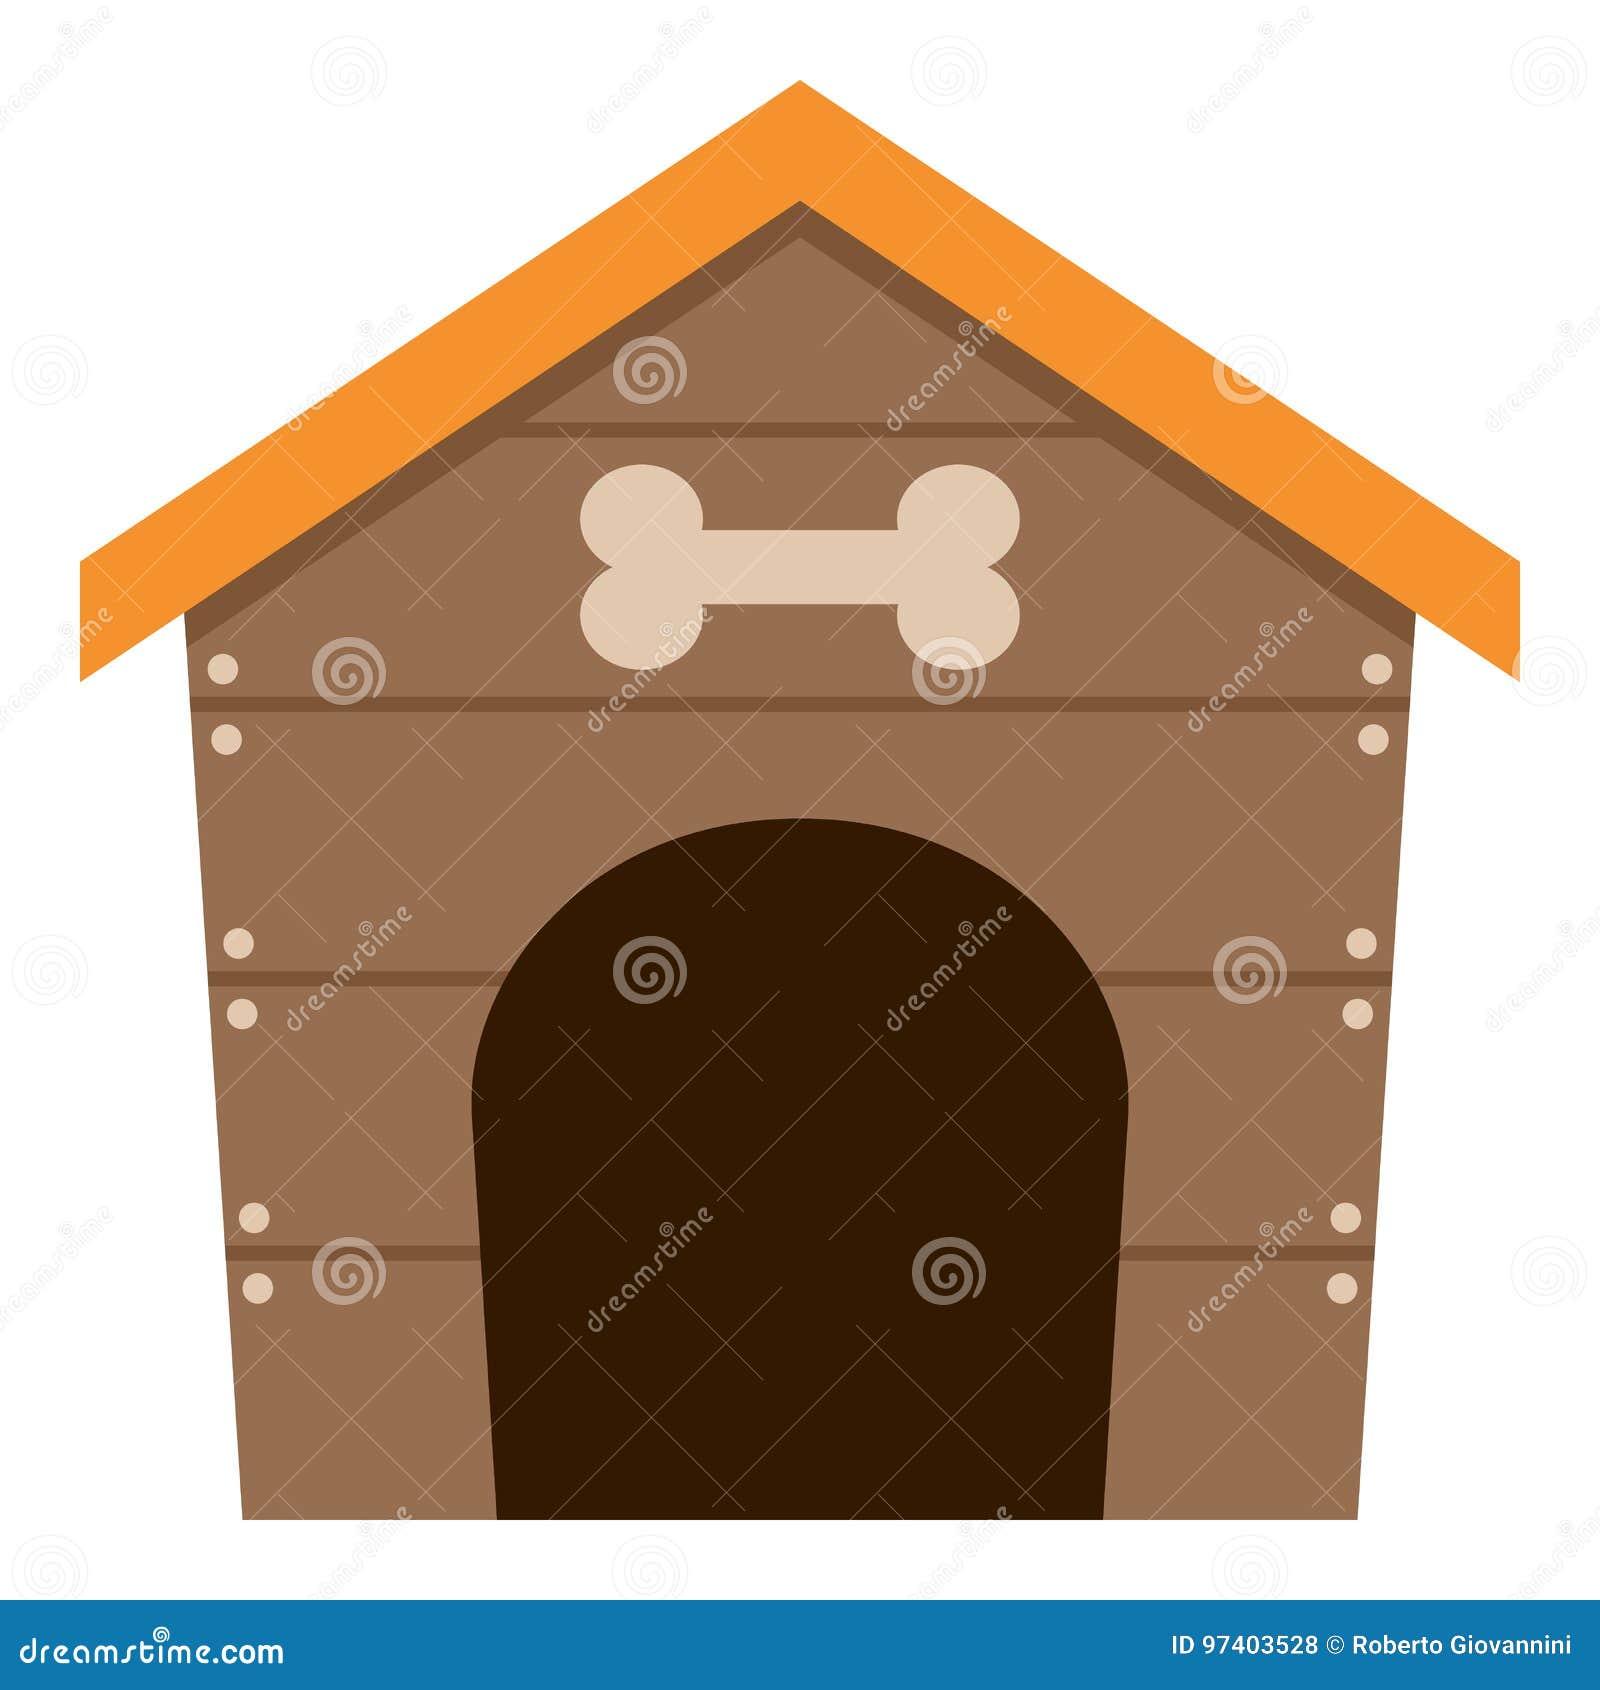 Icono plano de la casa de perro casero aislado en blanco